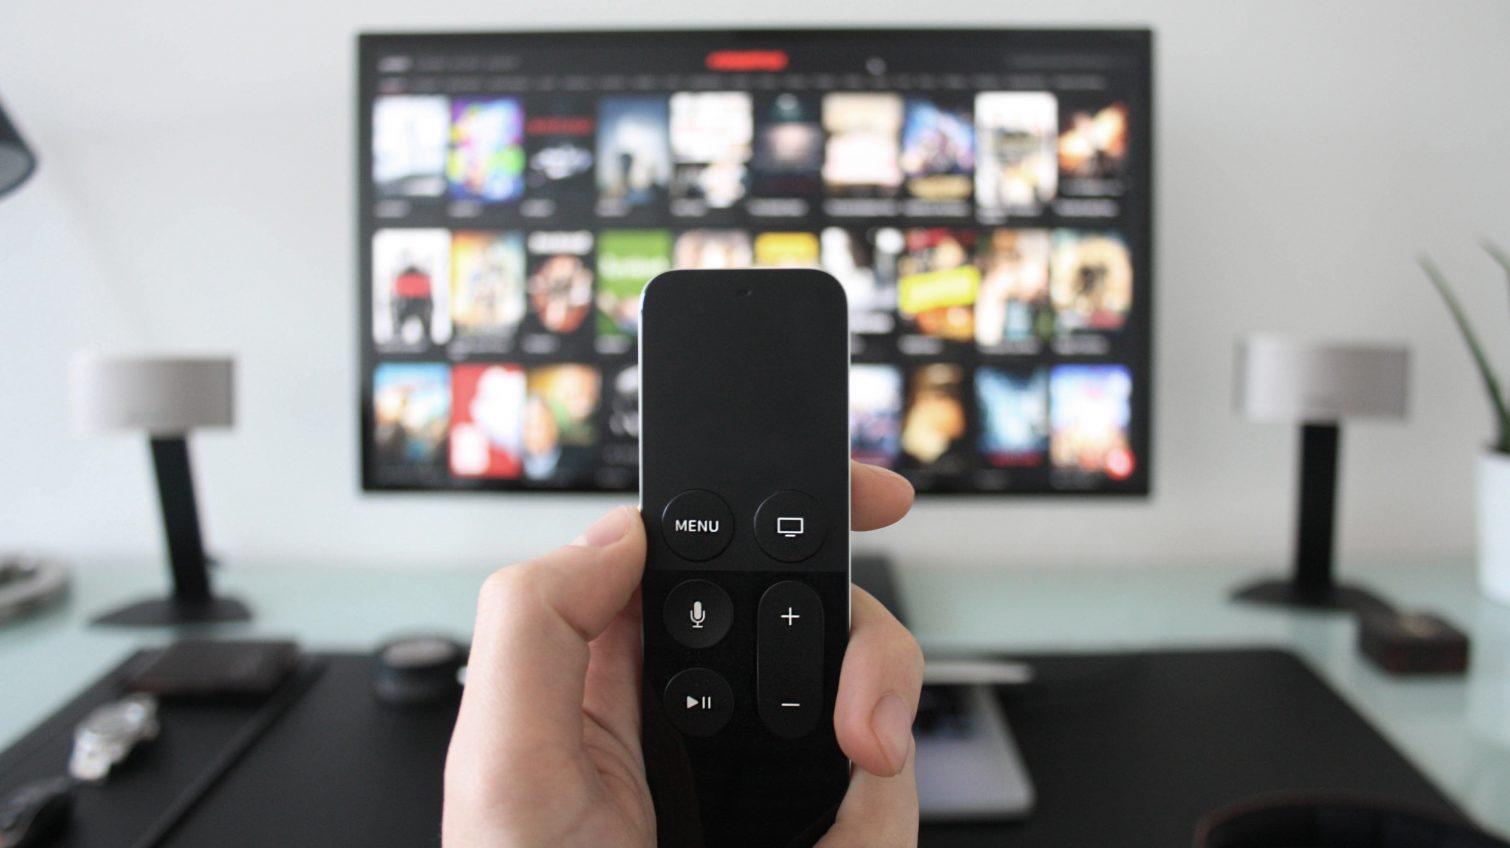 Кино будет: в начале марта в Украине разблокируют спутниковые каналы «фото»